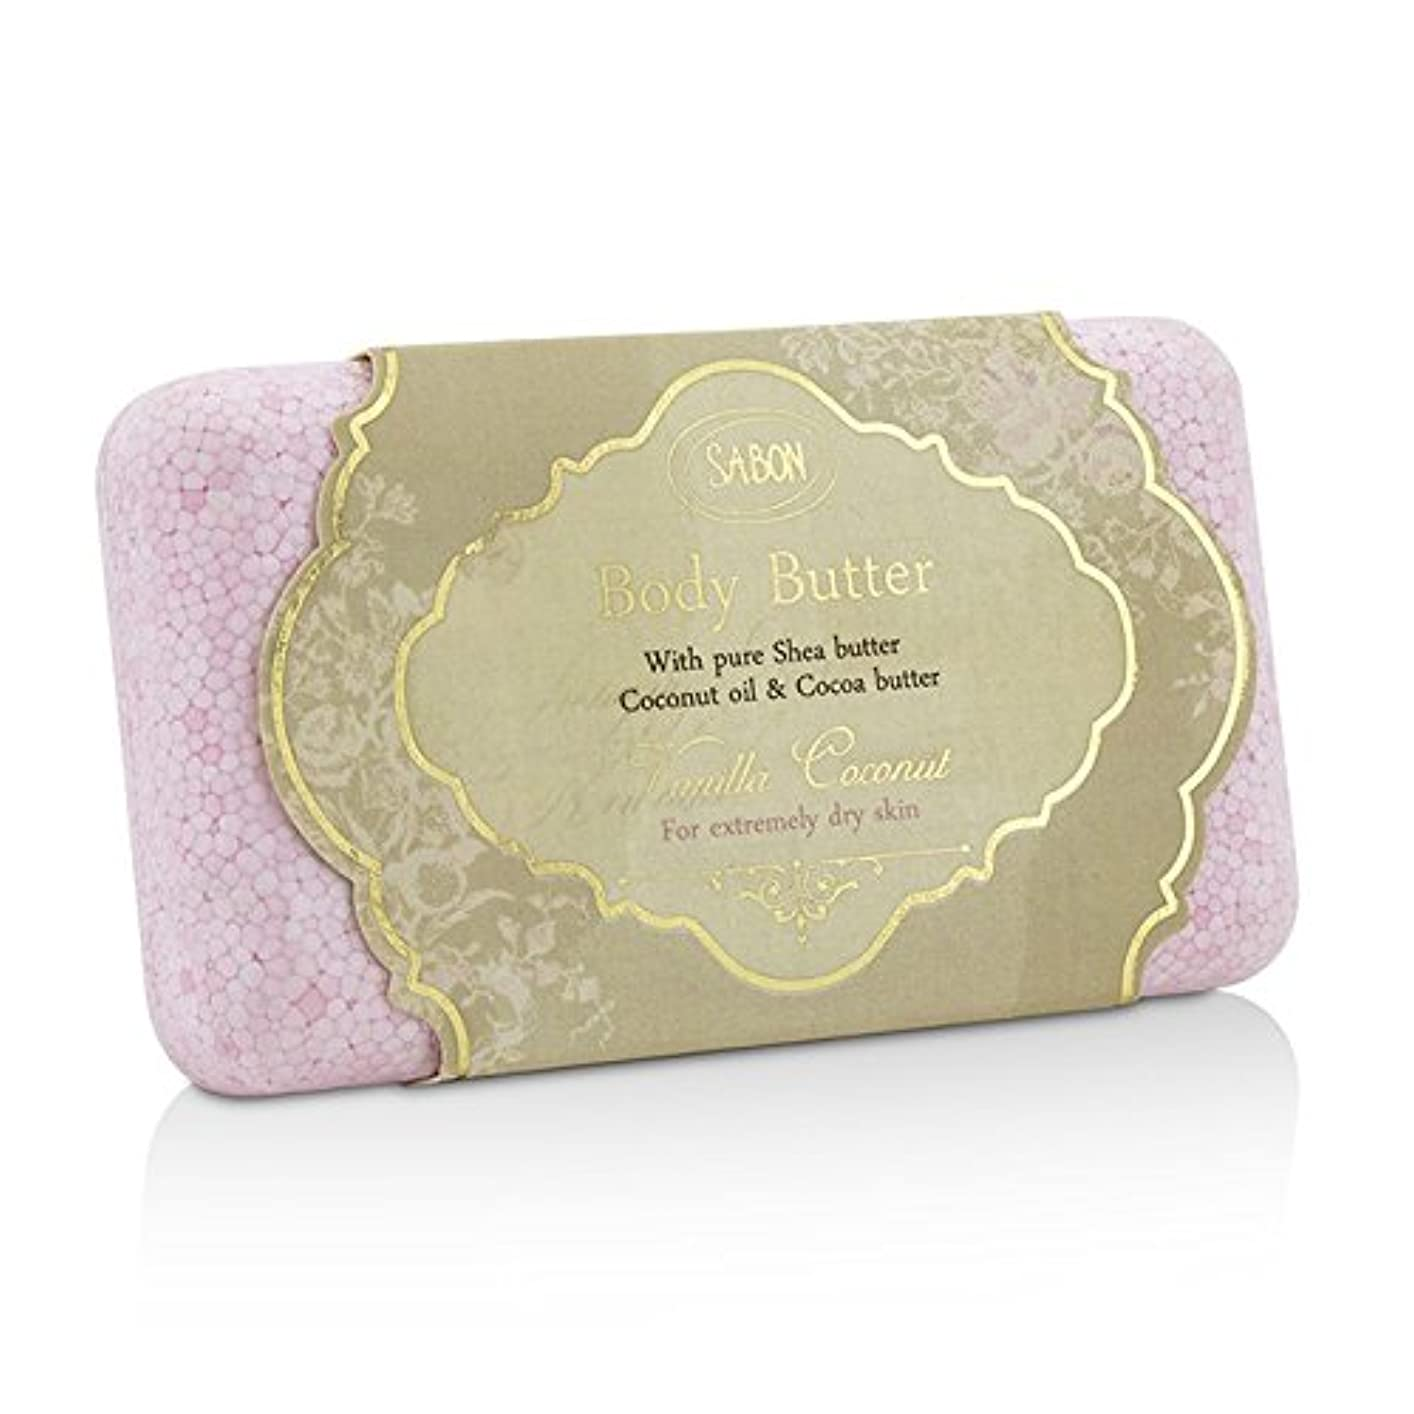 多用途サラミ投げるサボン Body Butter (For Extremely Dry Skin) - Vanilla Coconut 100g/3.53oz並行輸入品